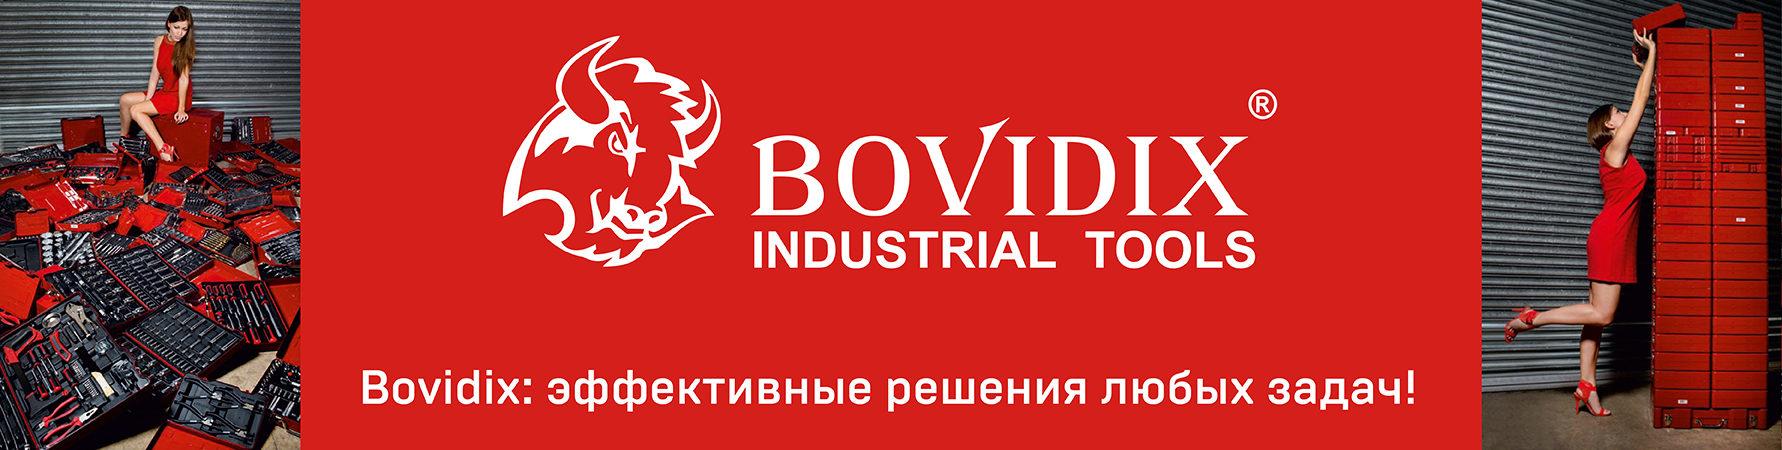 Bovidix: удобное хранение инструмента